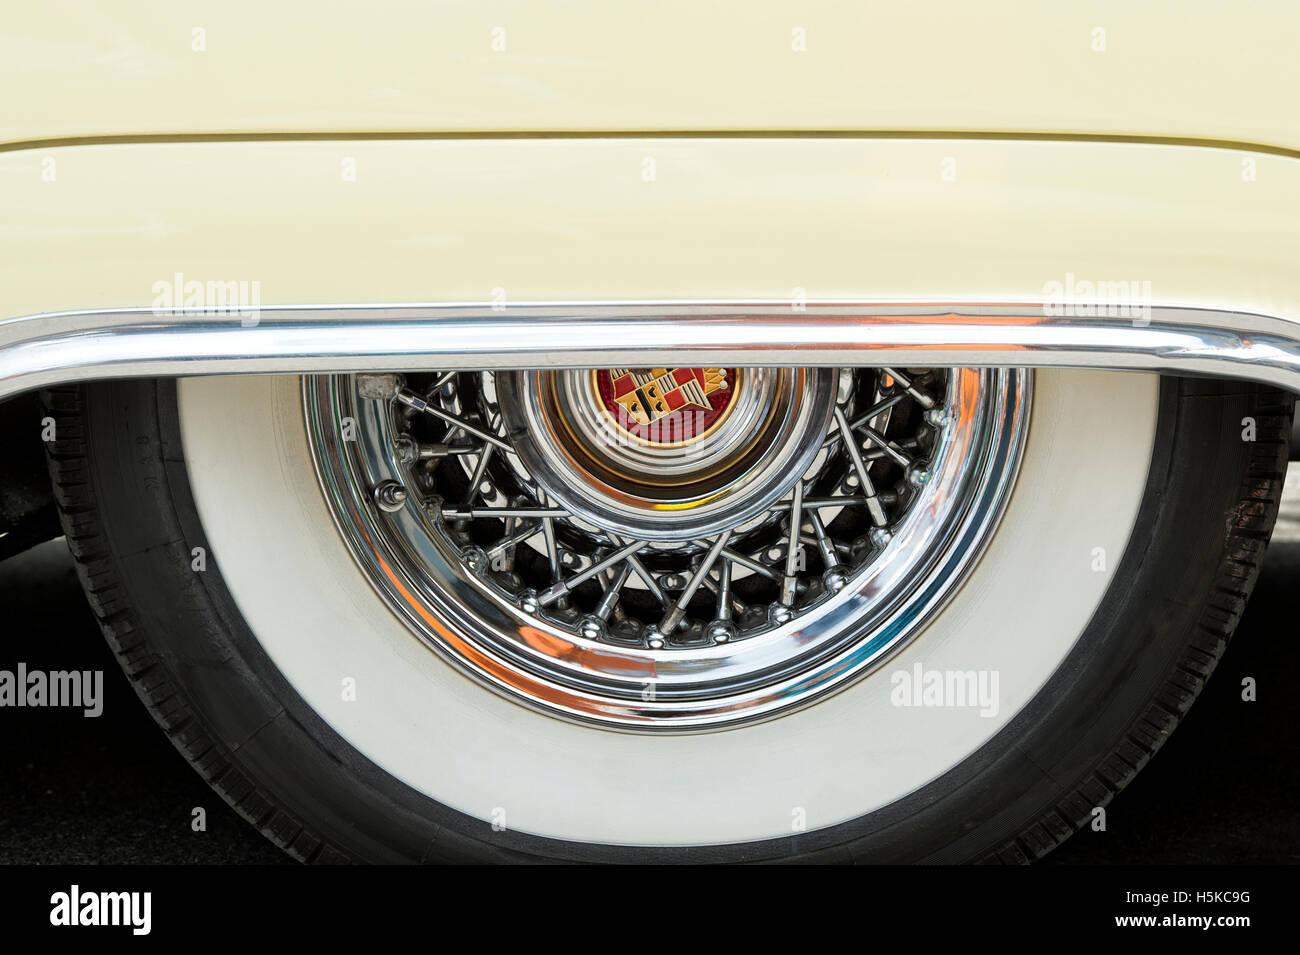 1954 Cadillac Eldorado Convertible Auto Rad Detail Stockfoto Bild El Dorado